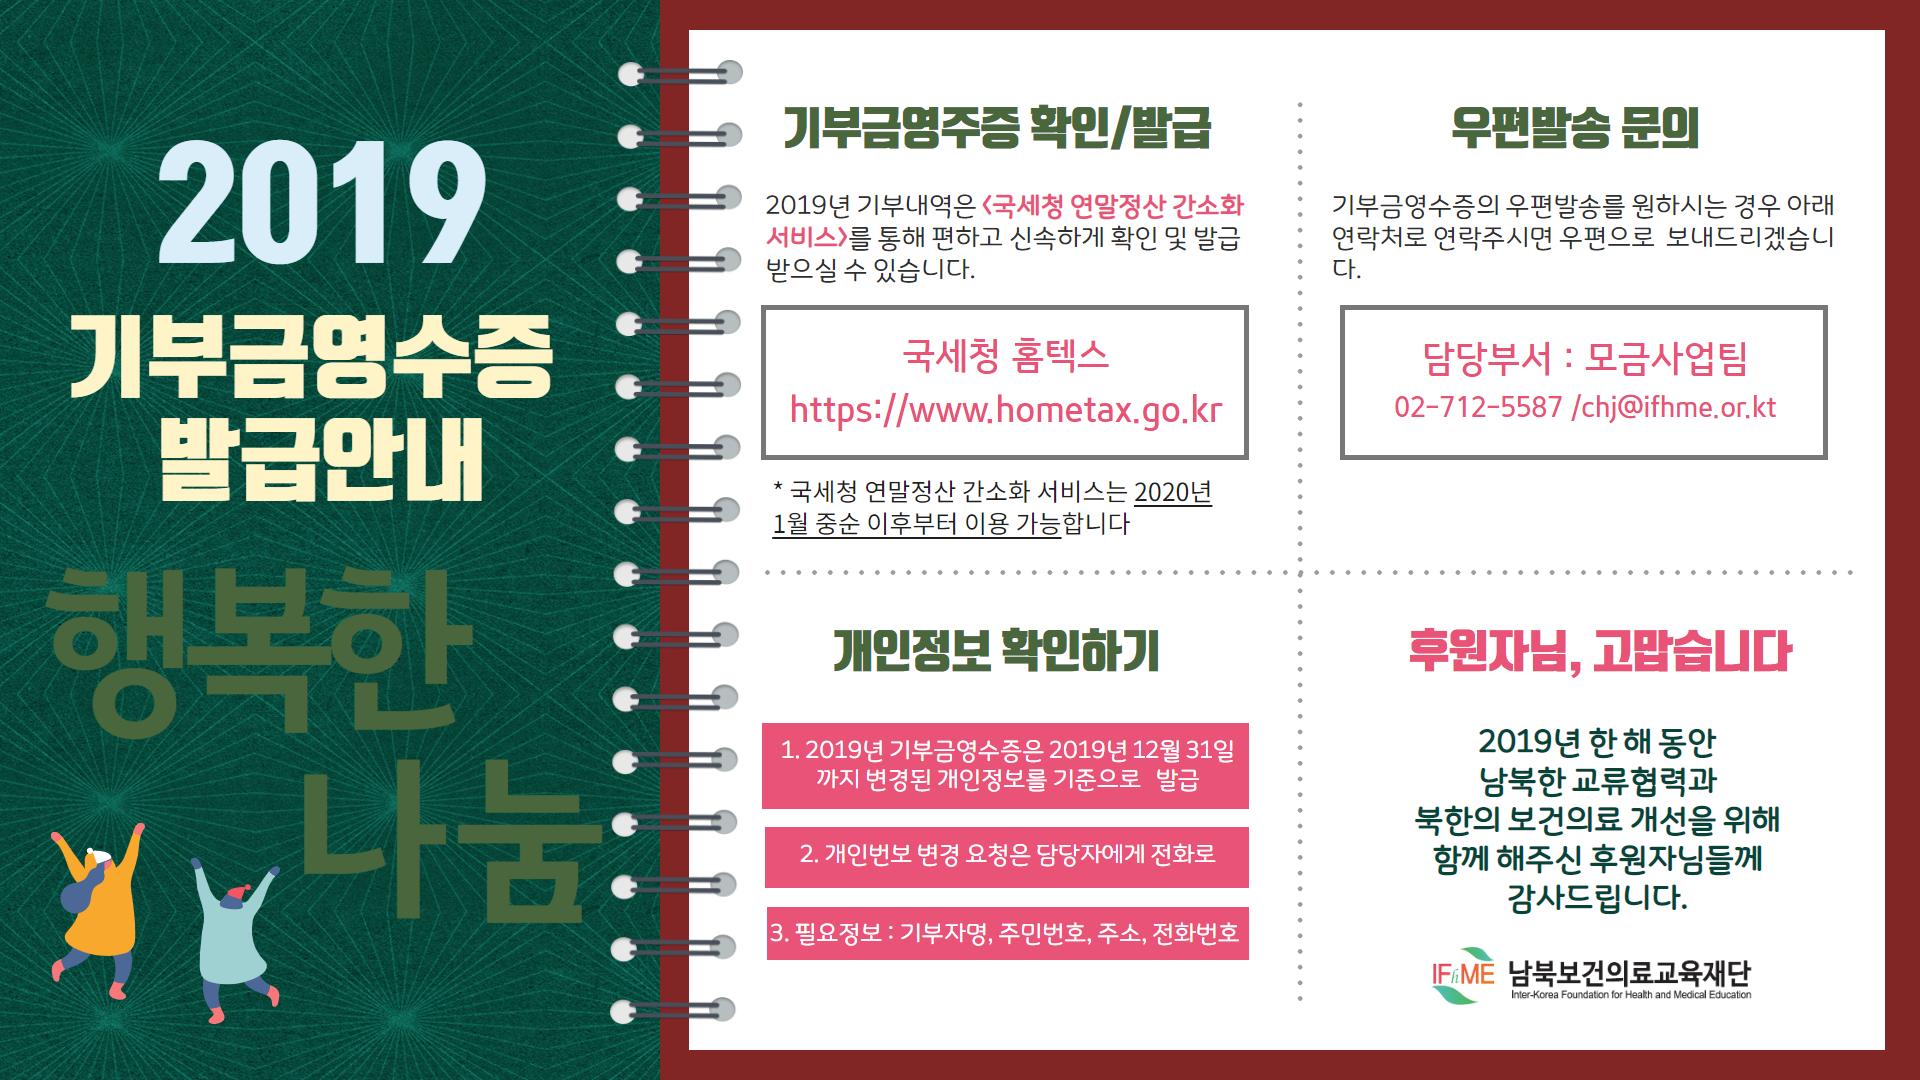 2019 기부금영수증 발급안내.png